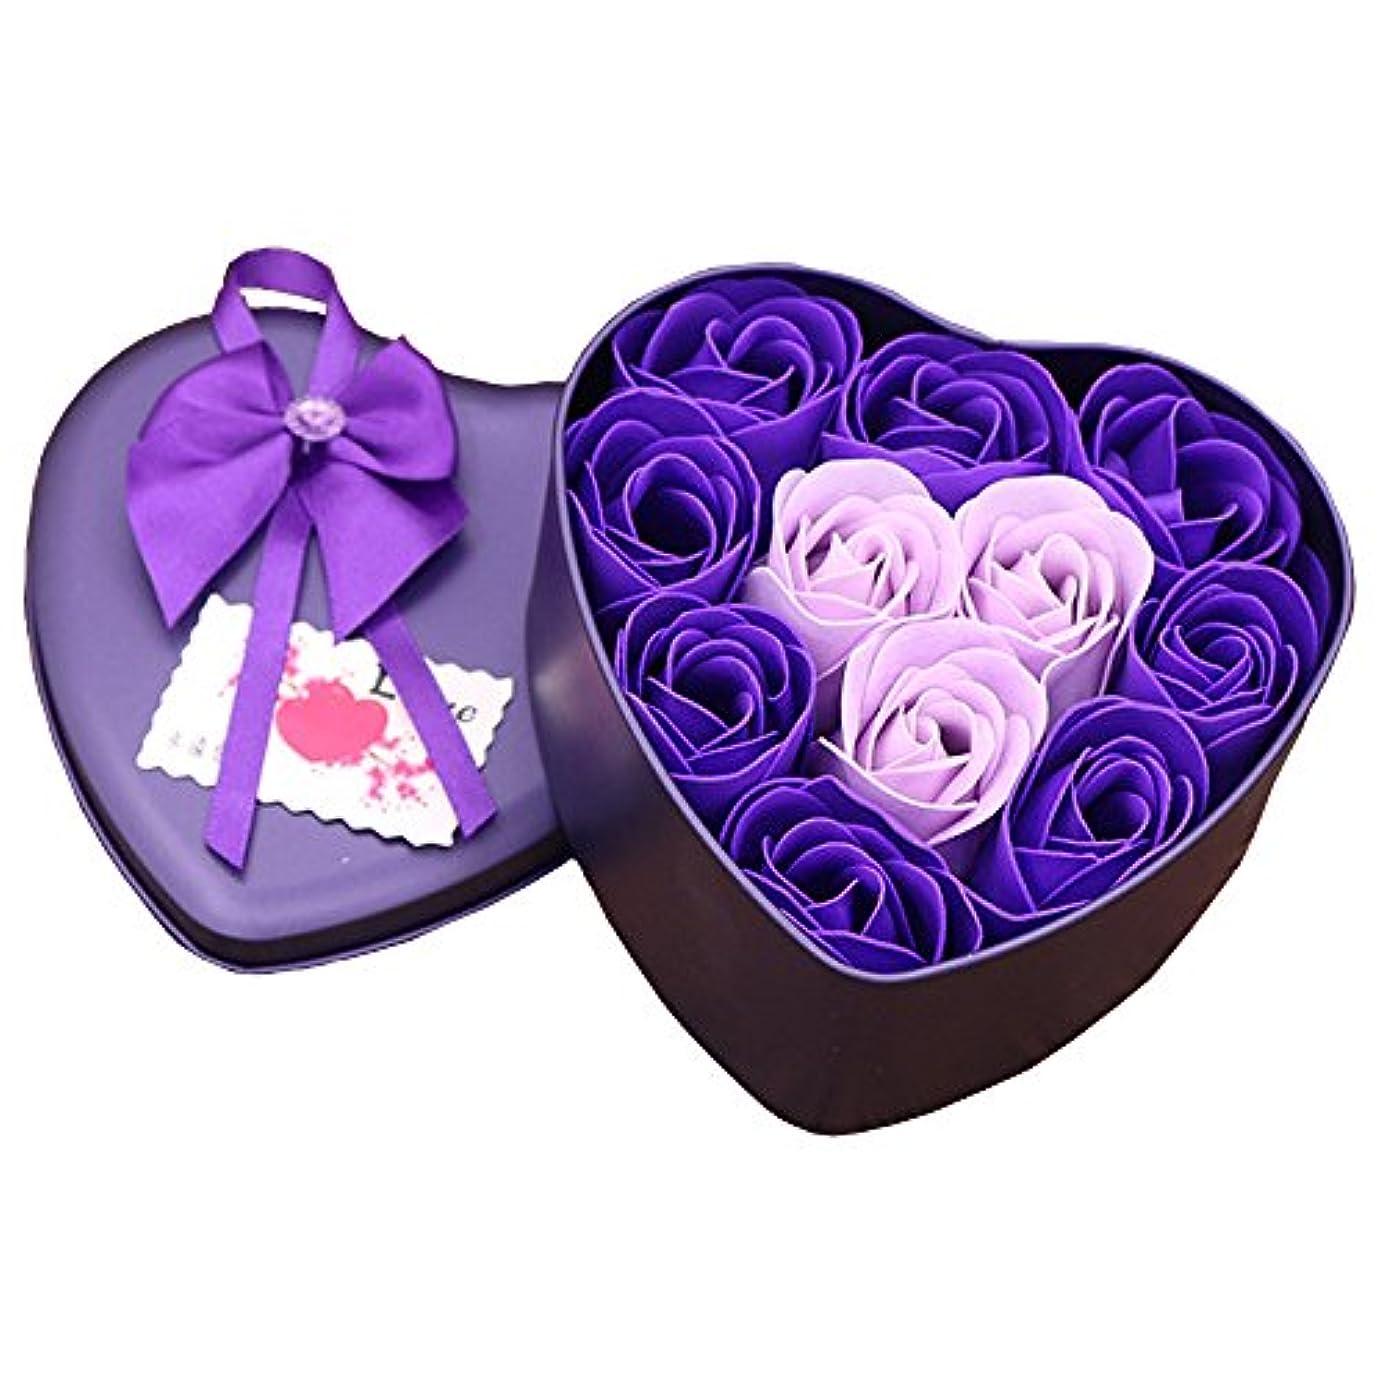 瞬時に認証超えてiCoole ソープフラワー 石鹸花 ハードフラワー形状 ギフトボックス入り 母の日 バレンタインデー お誕生日 ギフト